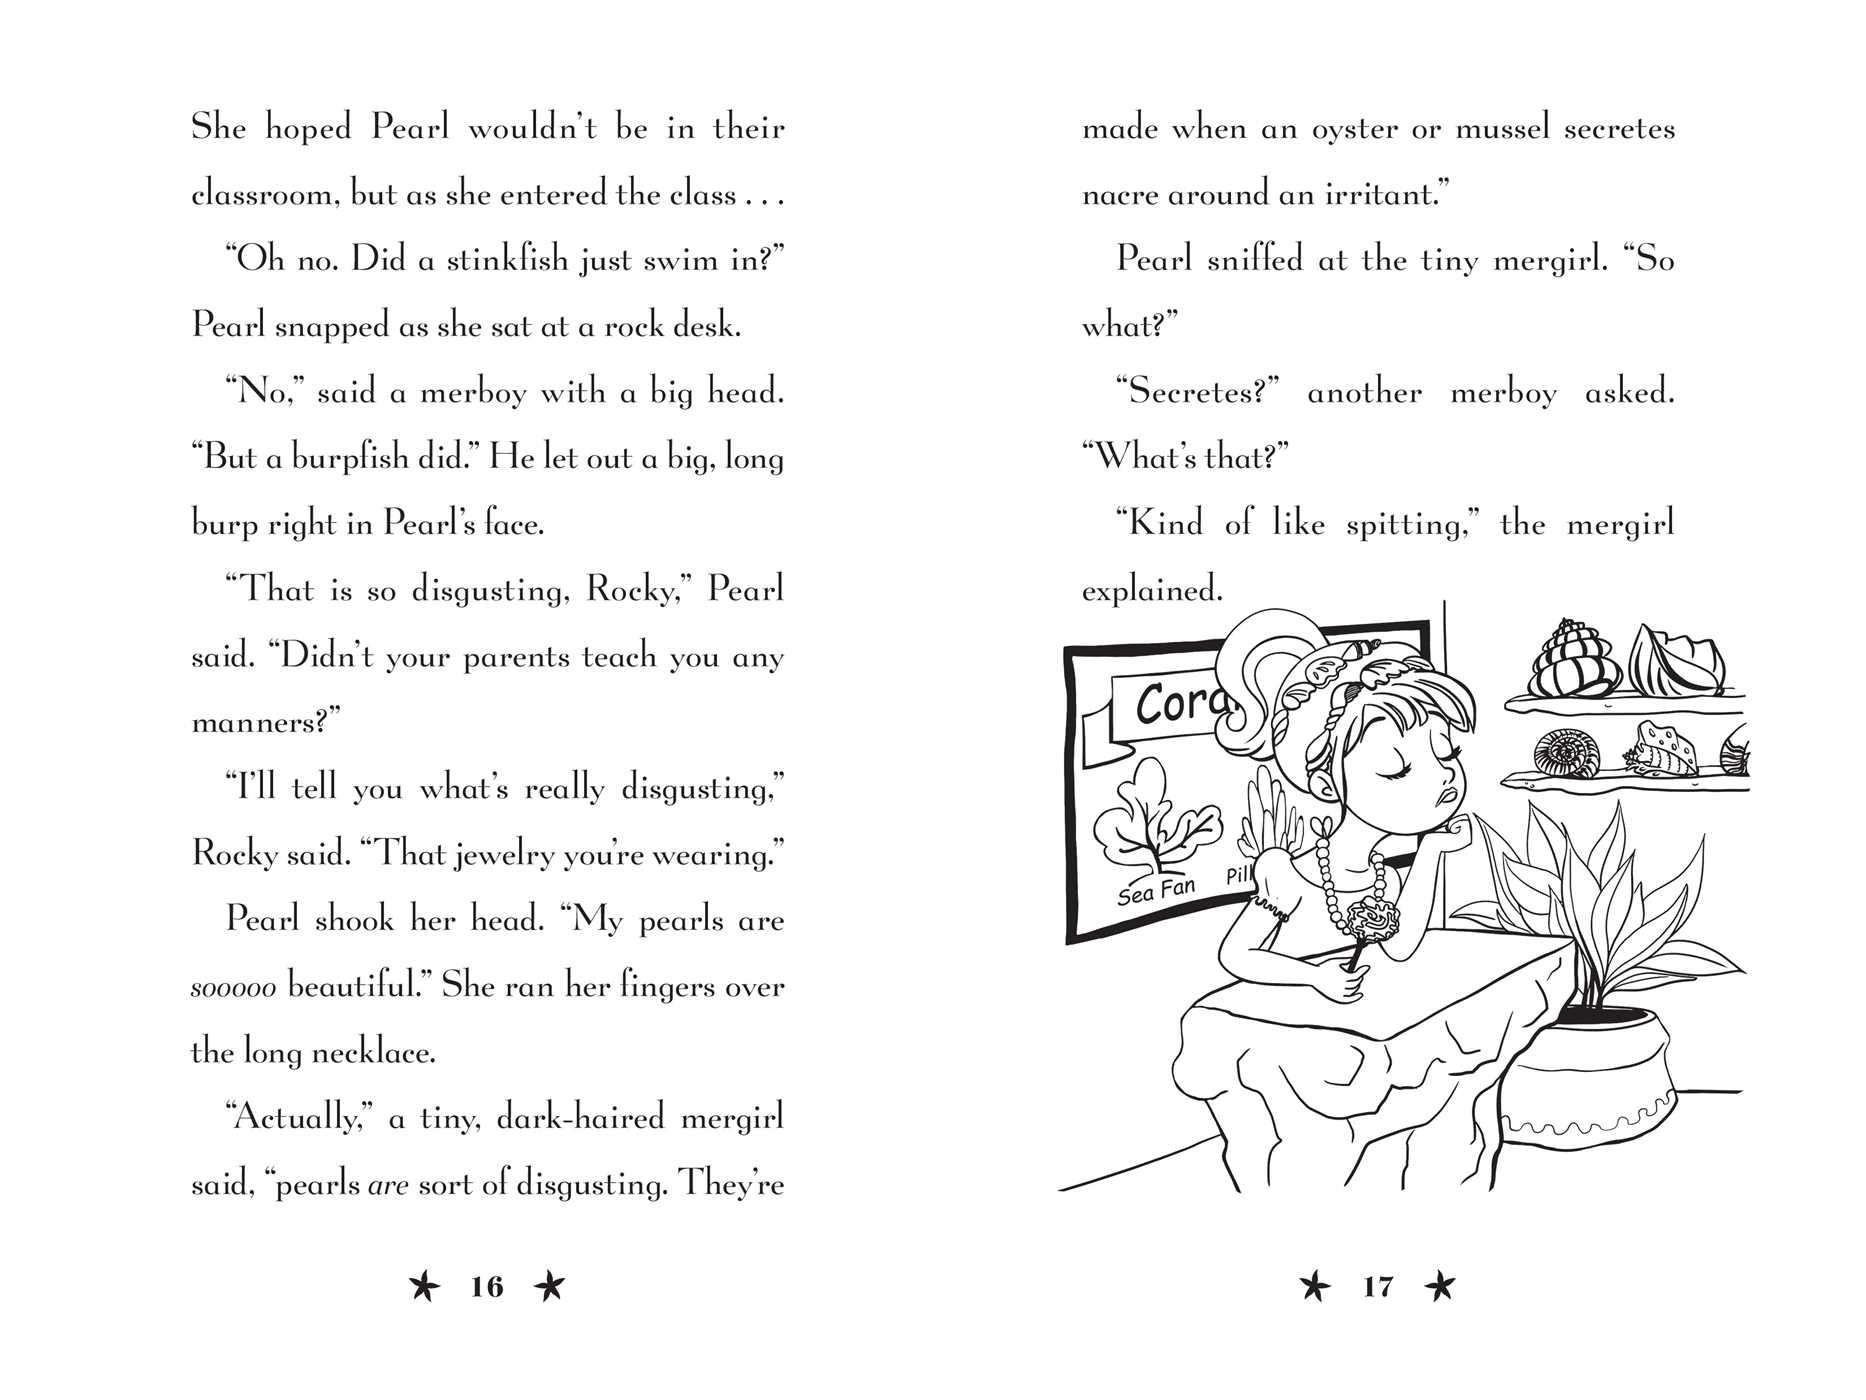 Mermaid tales 4 books in 1 9781481475921.in06